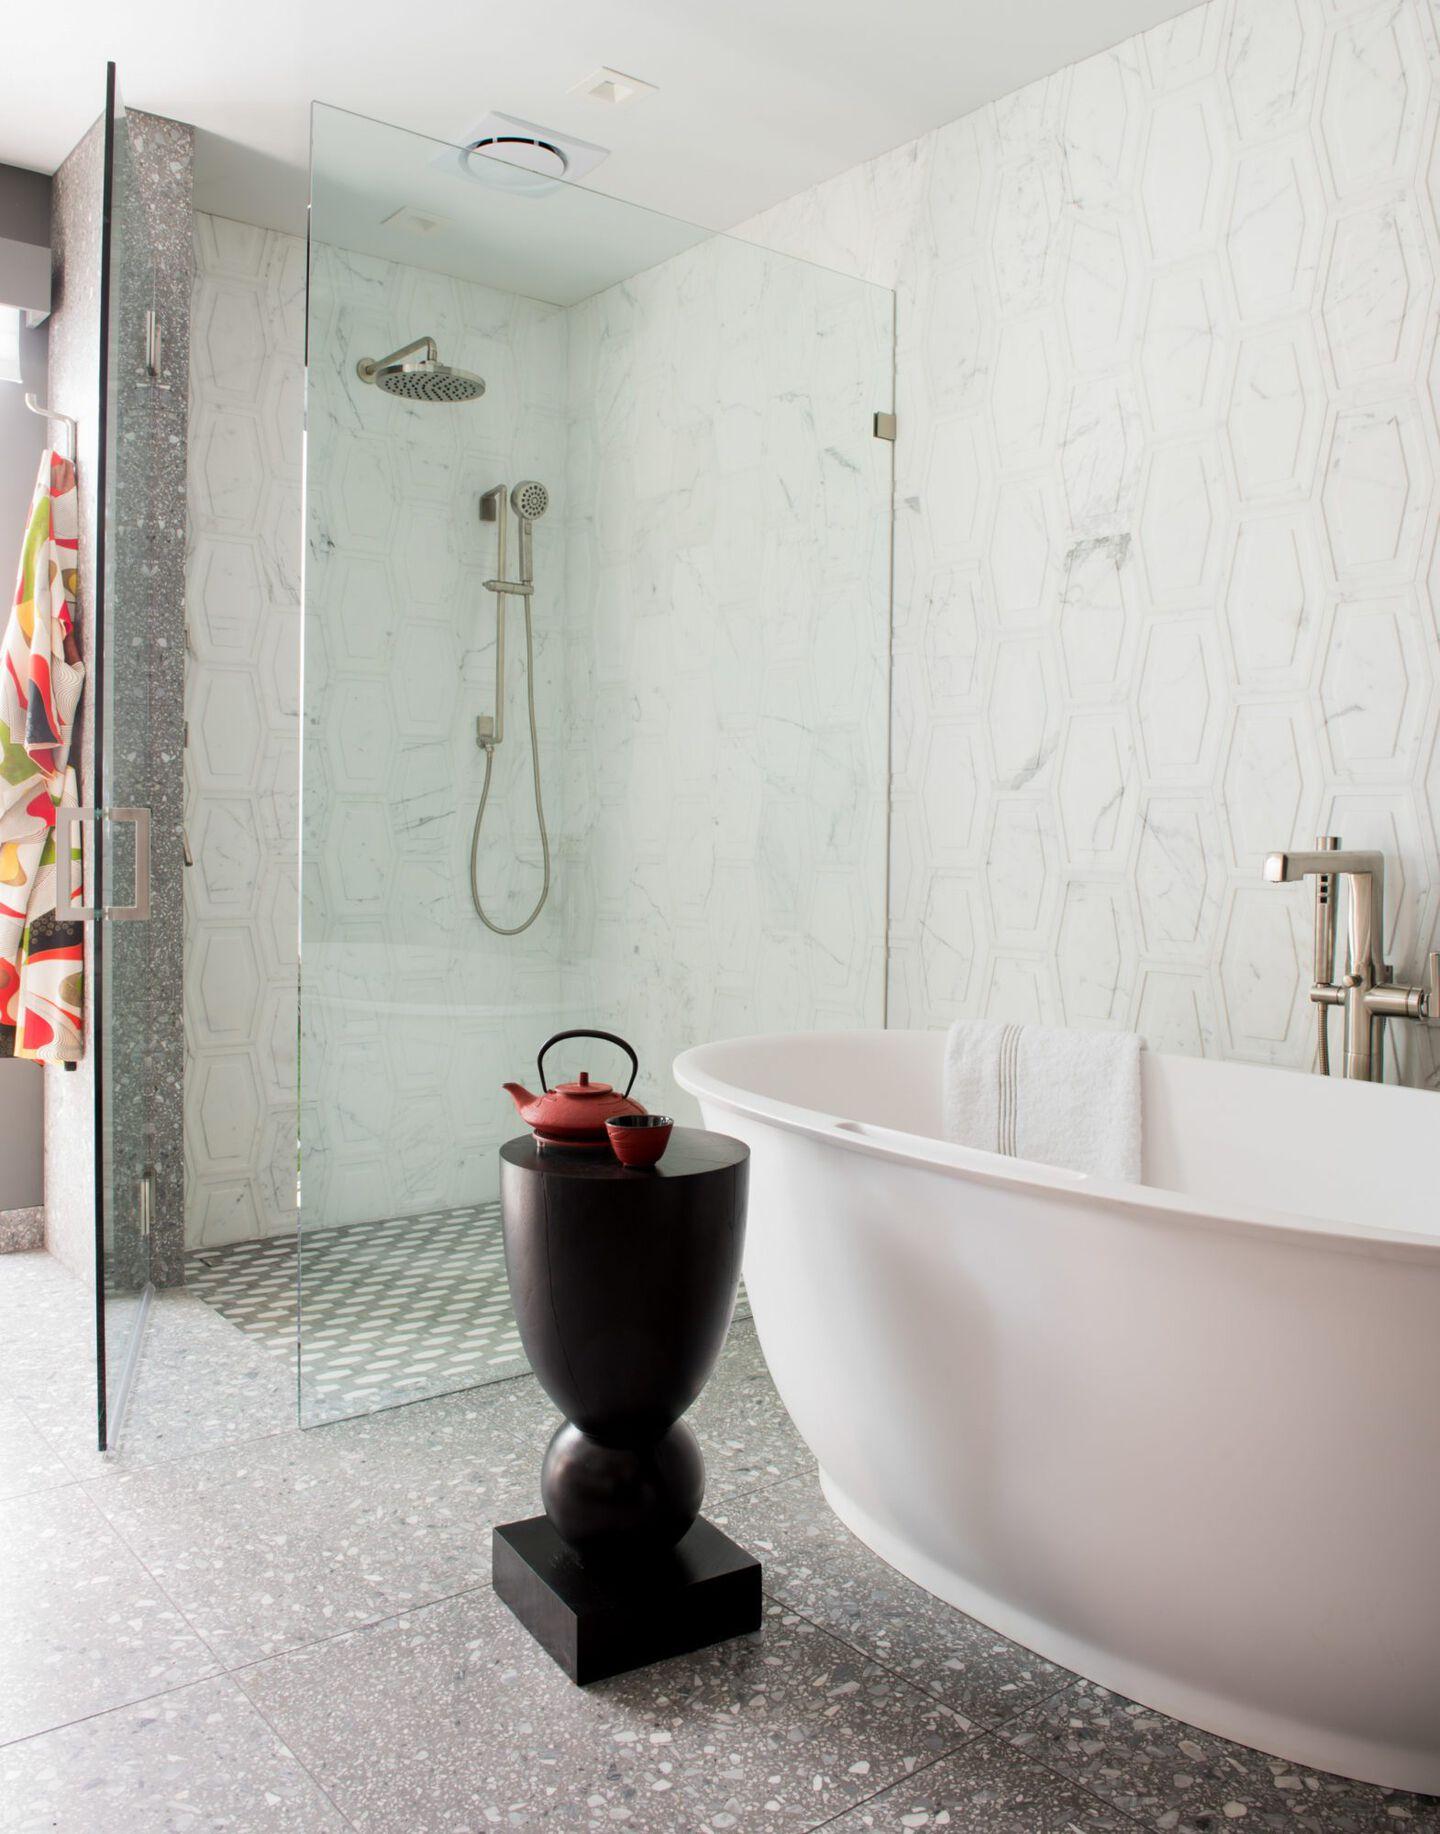 The Karina bathtub